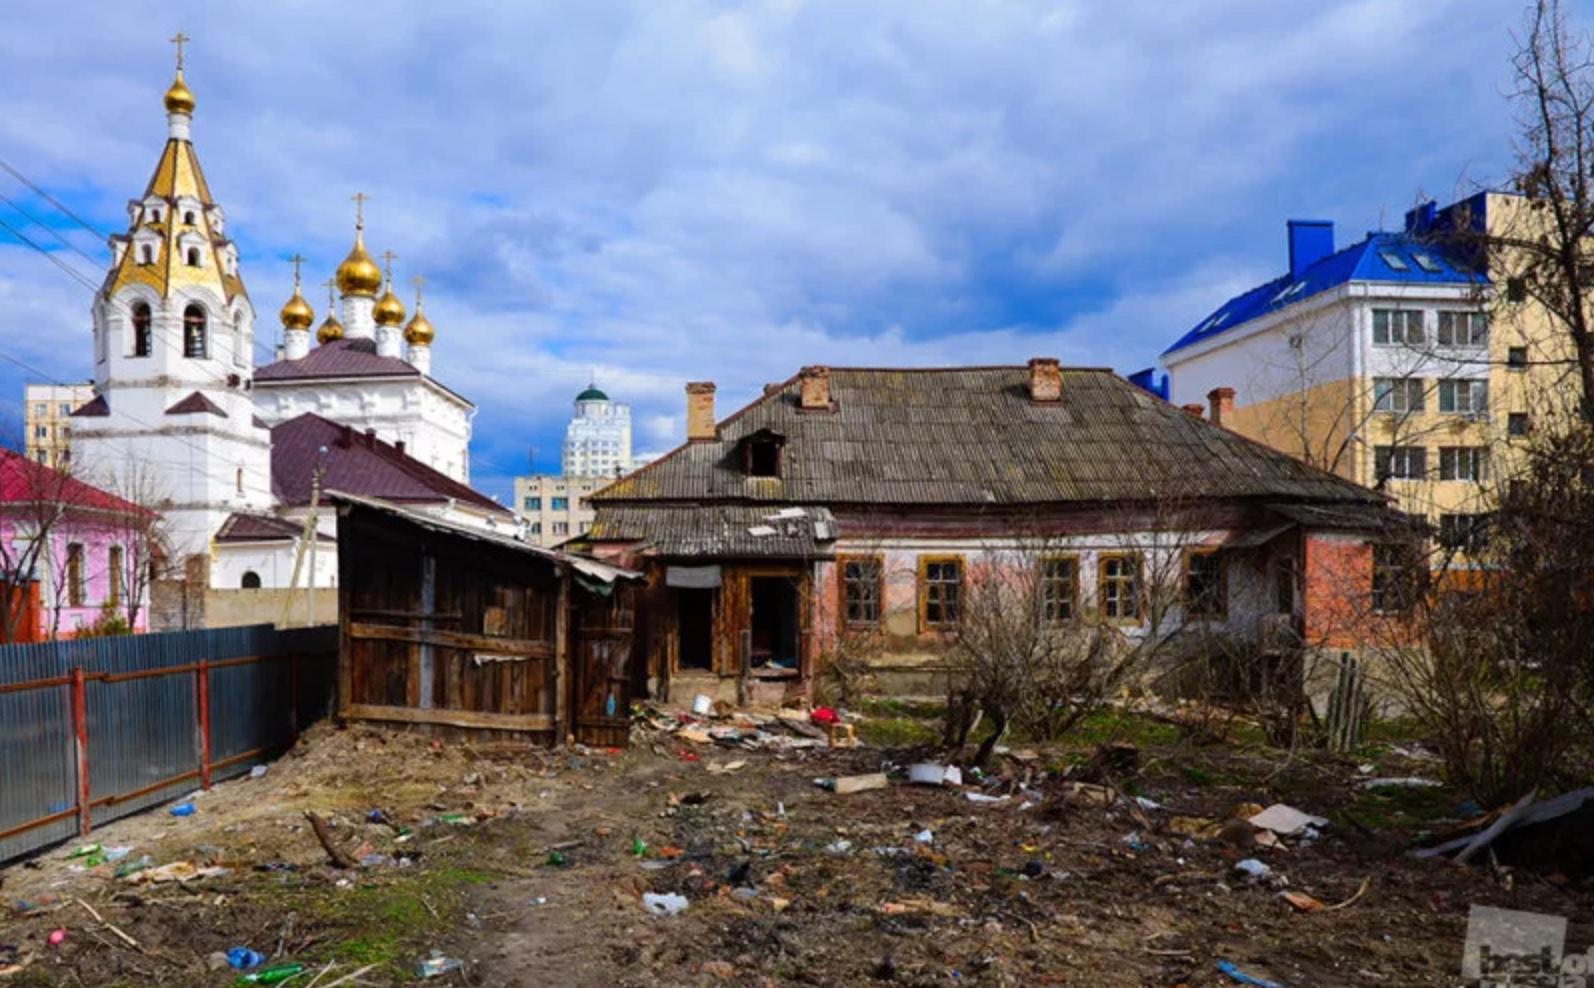 Земельные участки рядом с крупными городами России резко дорожают